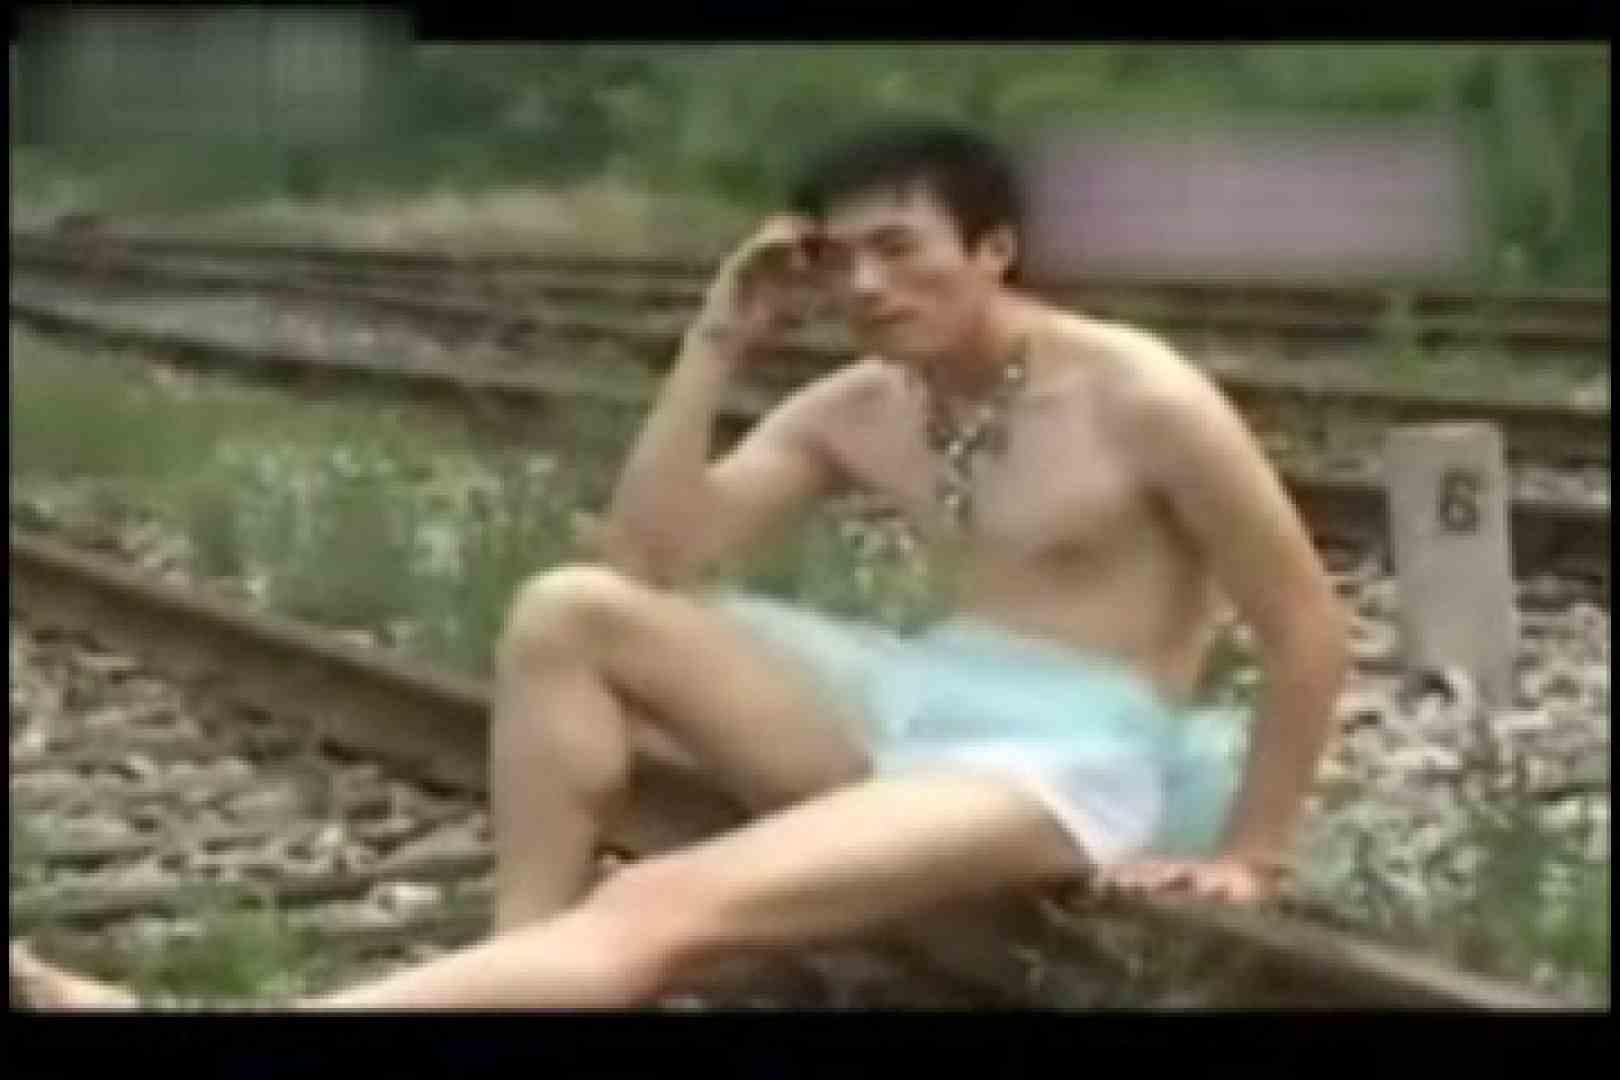 中出有名ゲイ雑誌★魅力●生★付録DVD収録スーパーモデルヌードvol3 モデル | ヌード アダルトビデオ画像キャプチャ 89枚 2